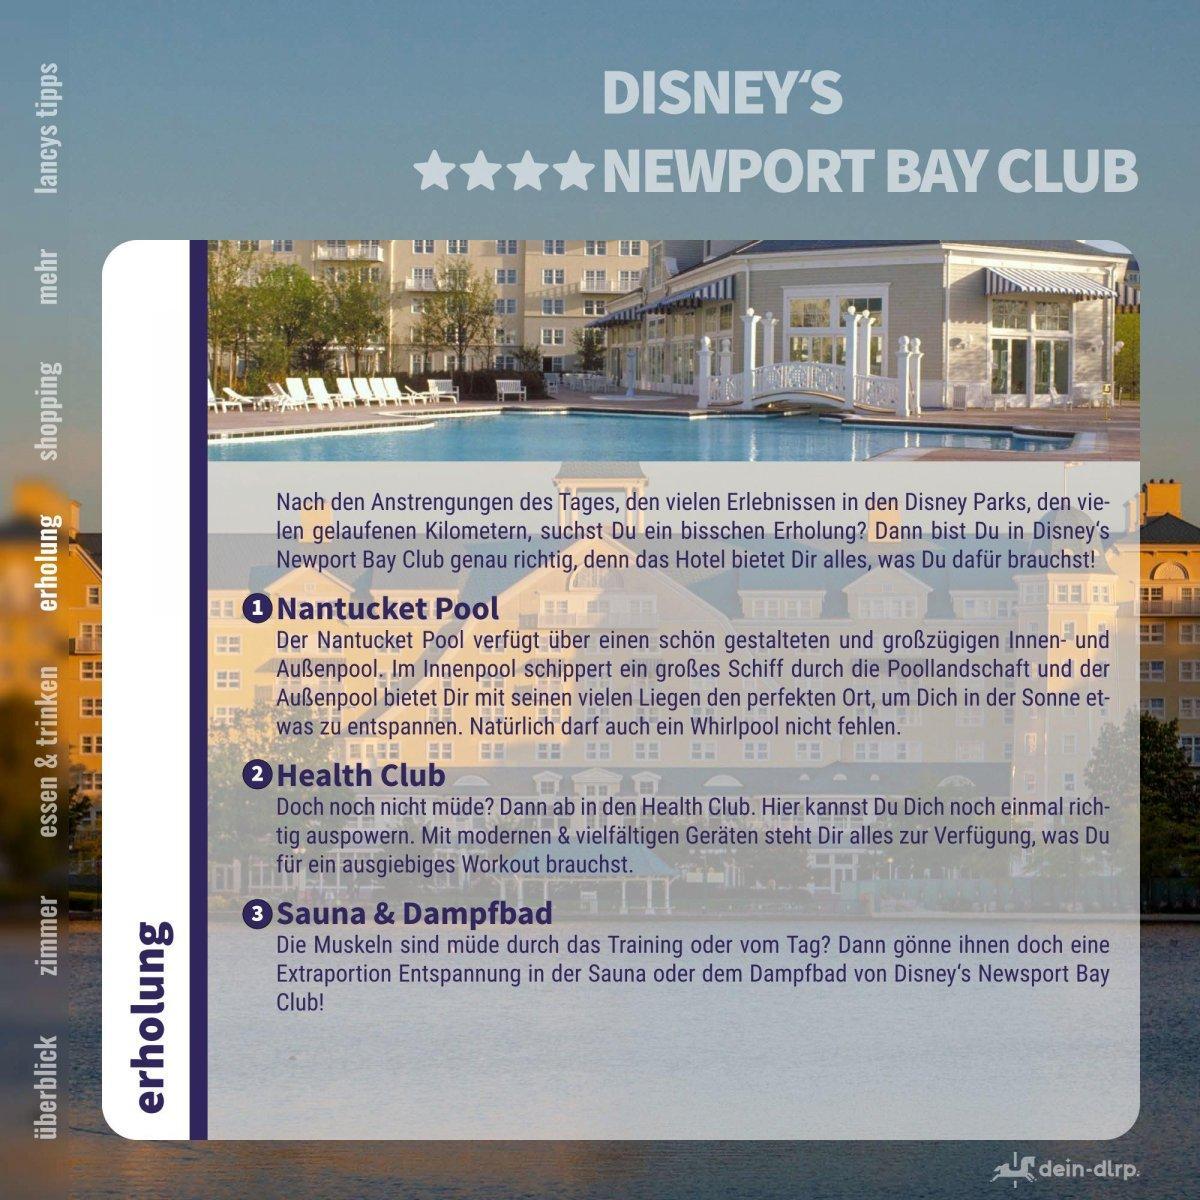 disneys-newport-bay-club-hotel-fuehrer_05.jpg